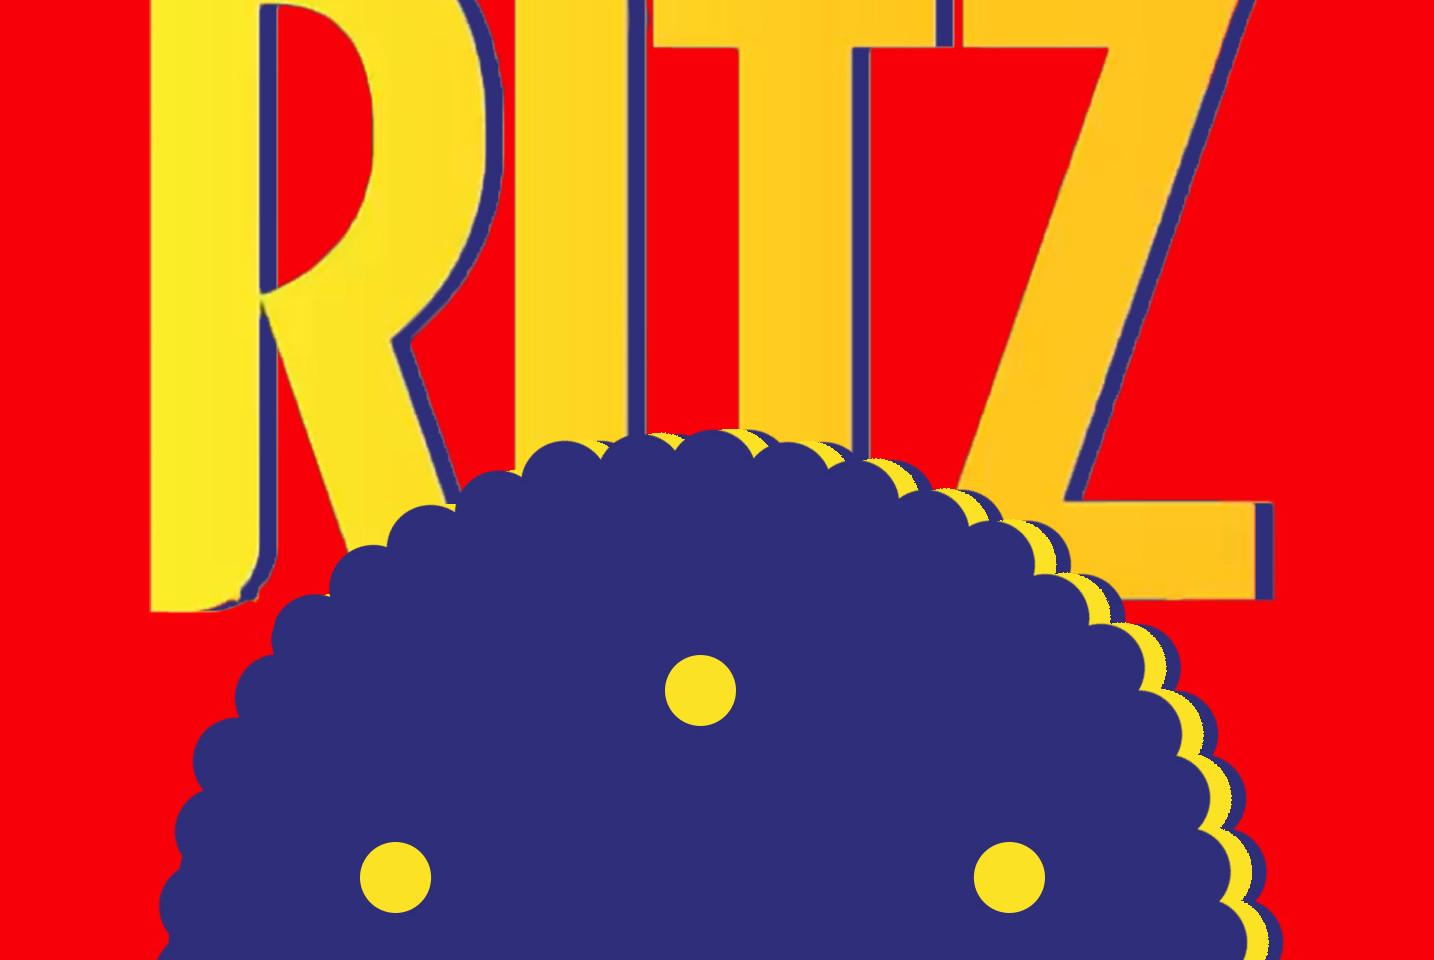 RITZ logo Redesign